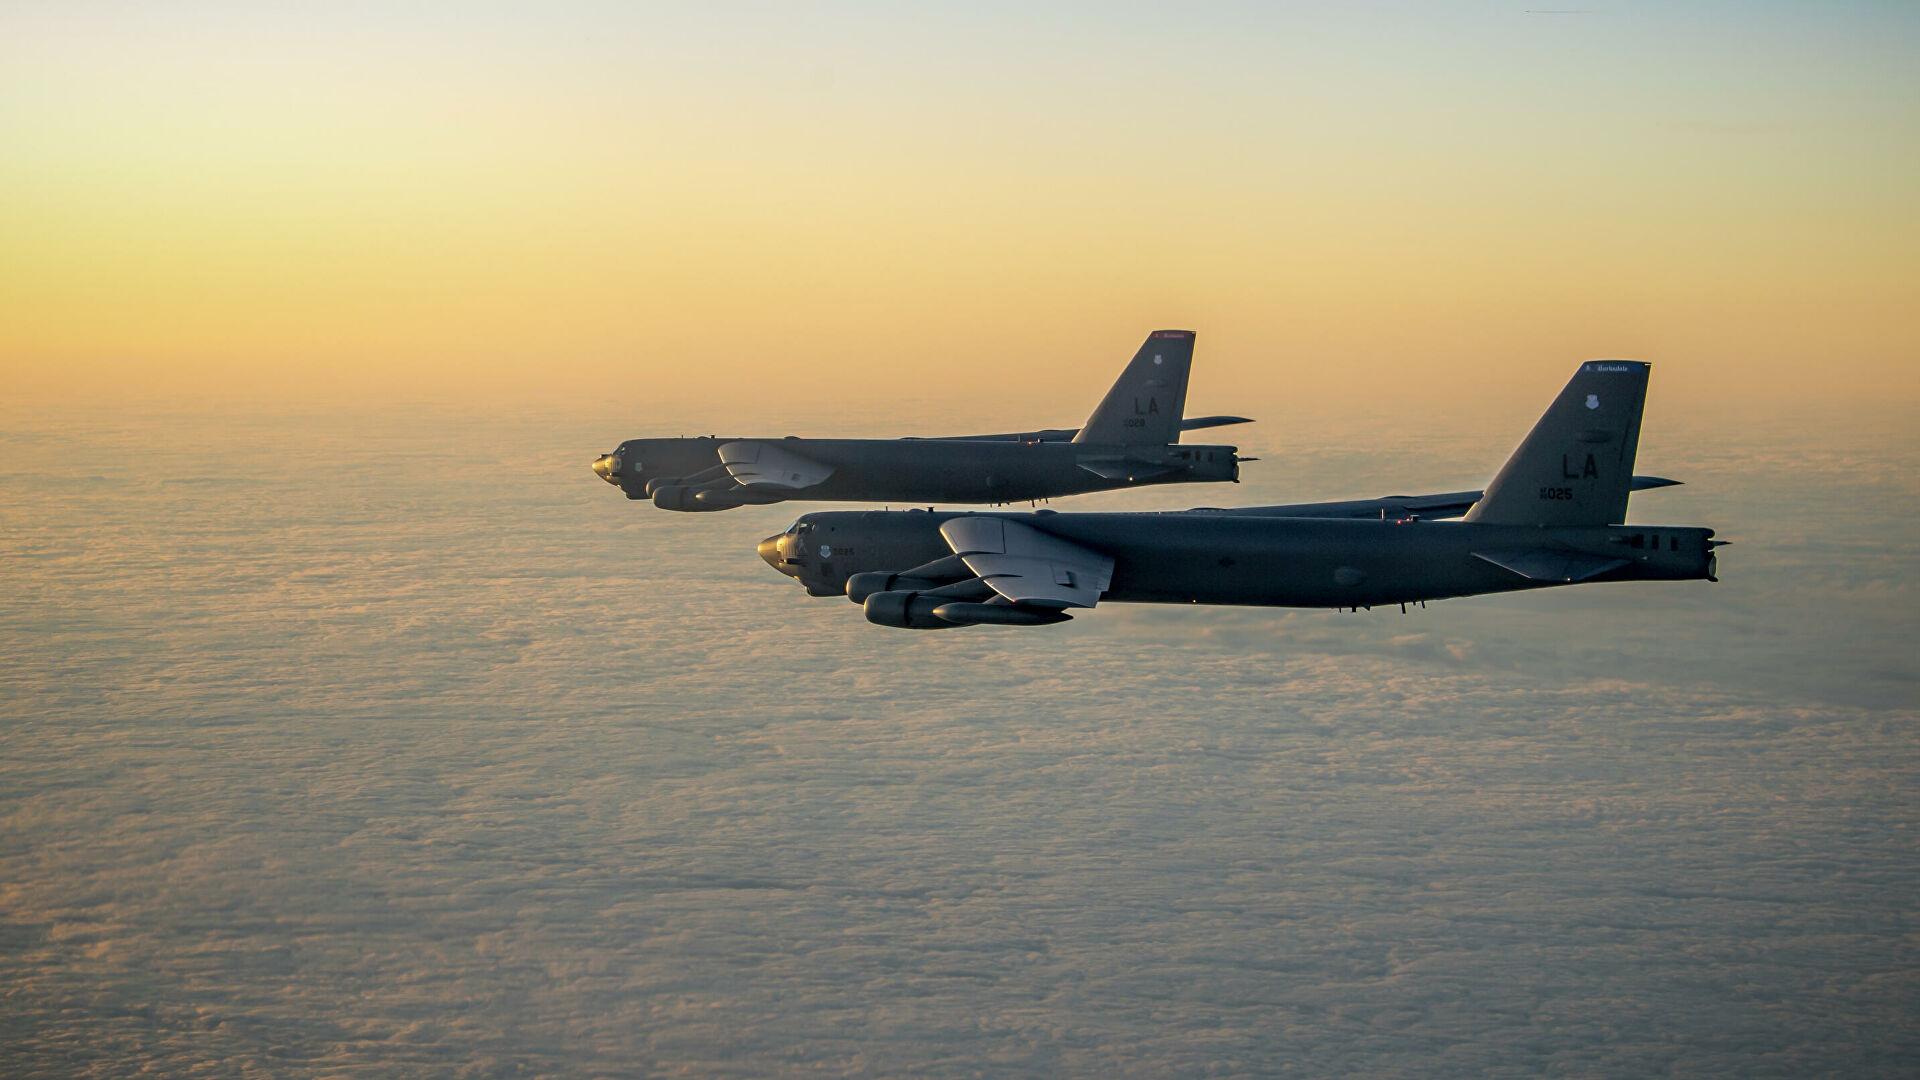 Руски војни научници предложили варијанту употребе Ваздушно-космичких снага која ће пружити гарантовану заштиту од могуће НАТО операције